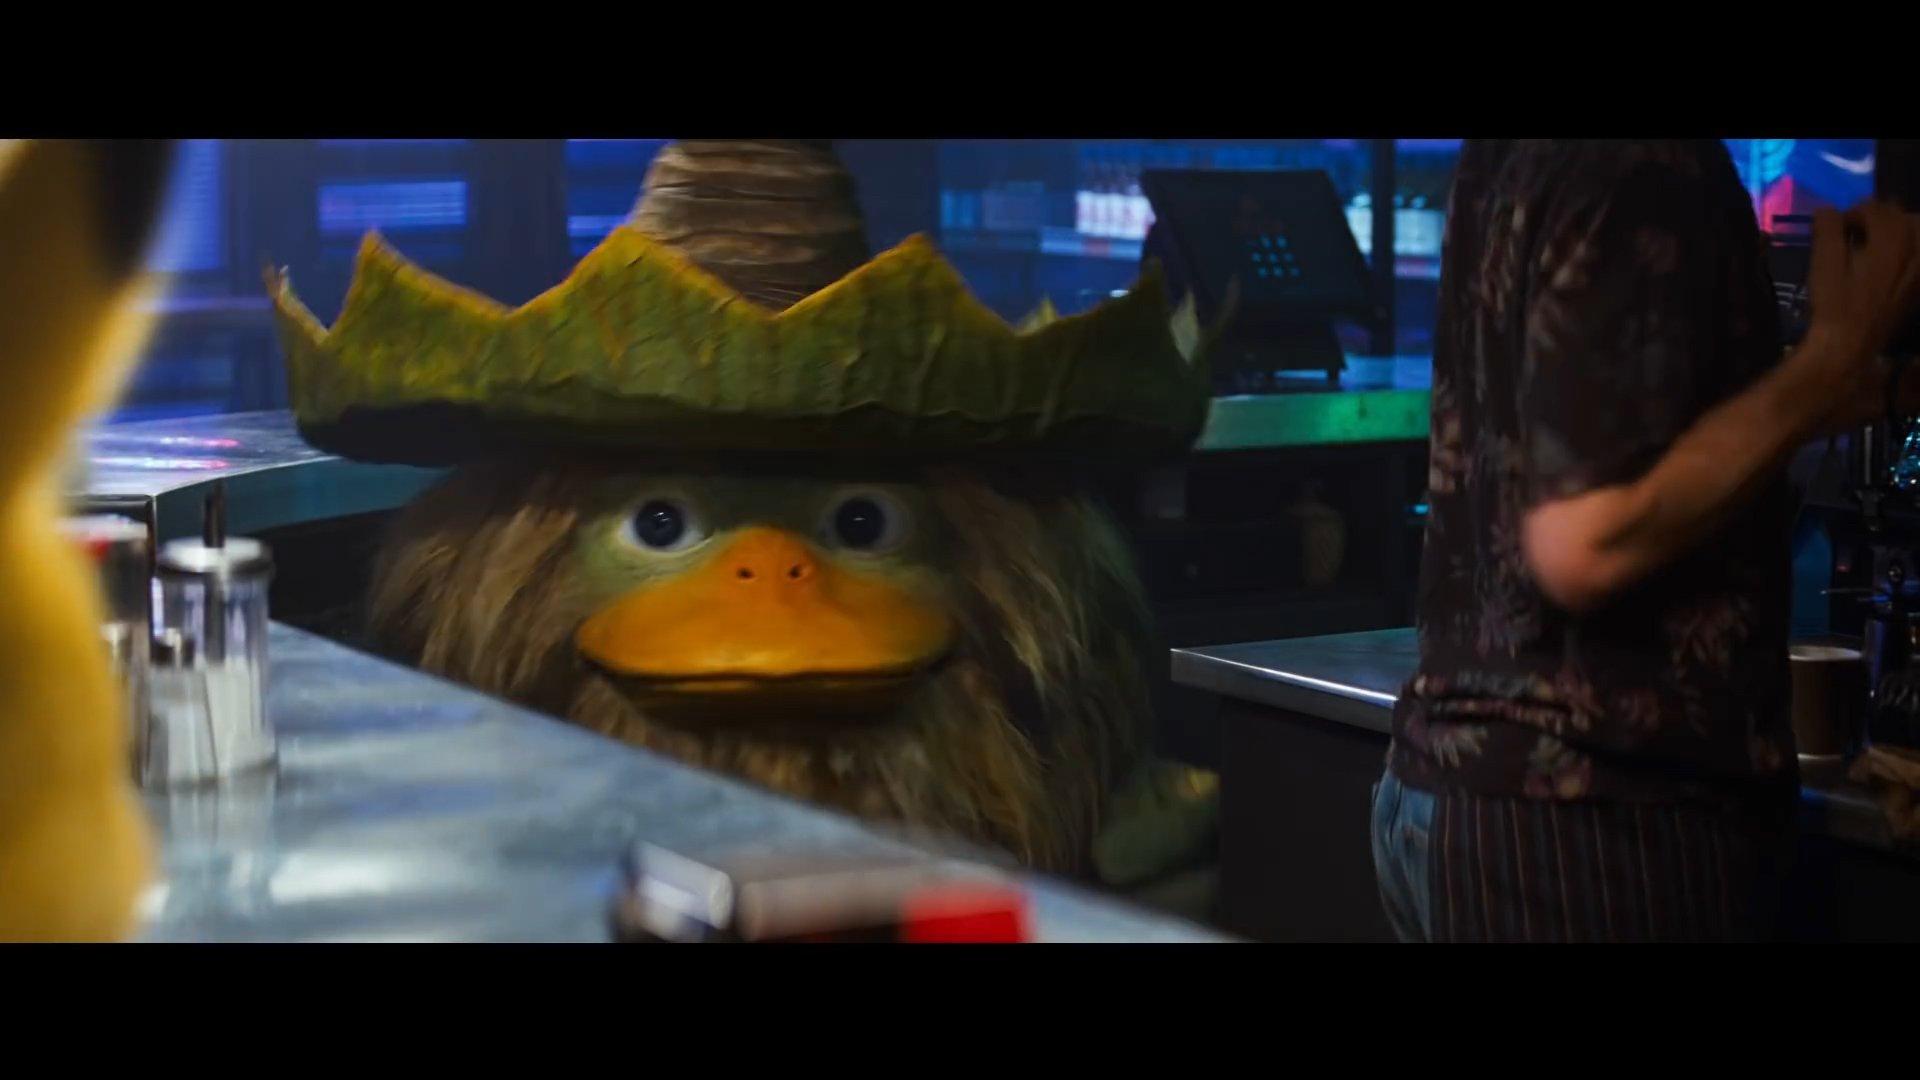 Ludicolo in Detective Pikachu